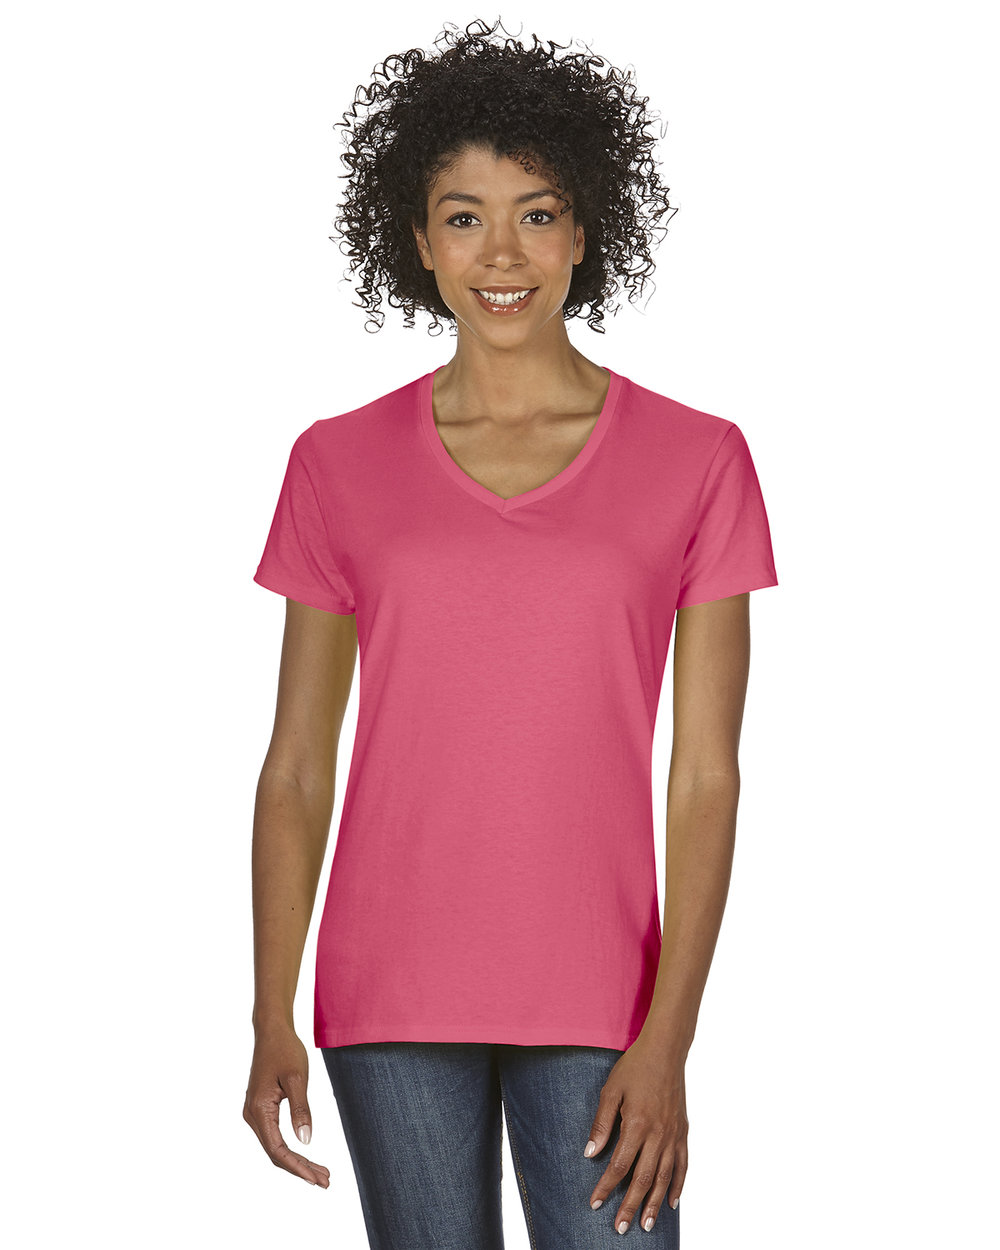 V-Neck T-Shirt #G500VL